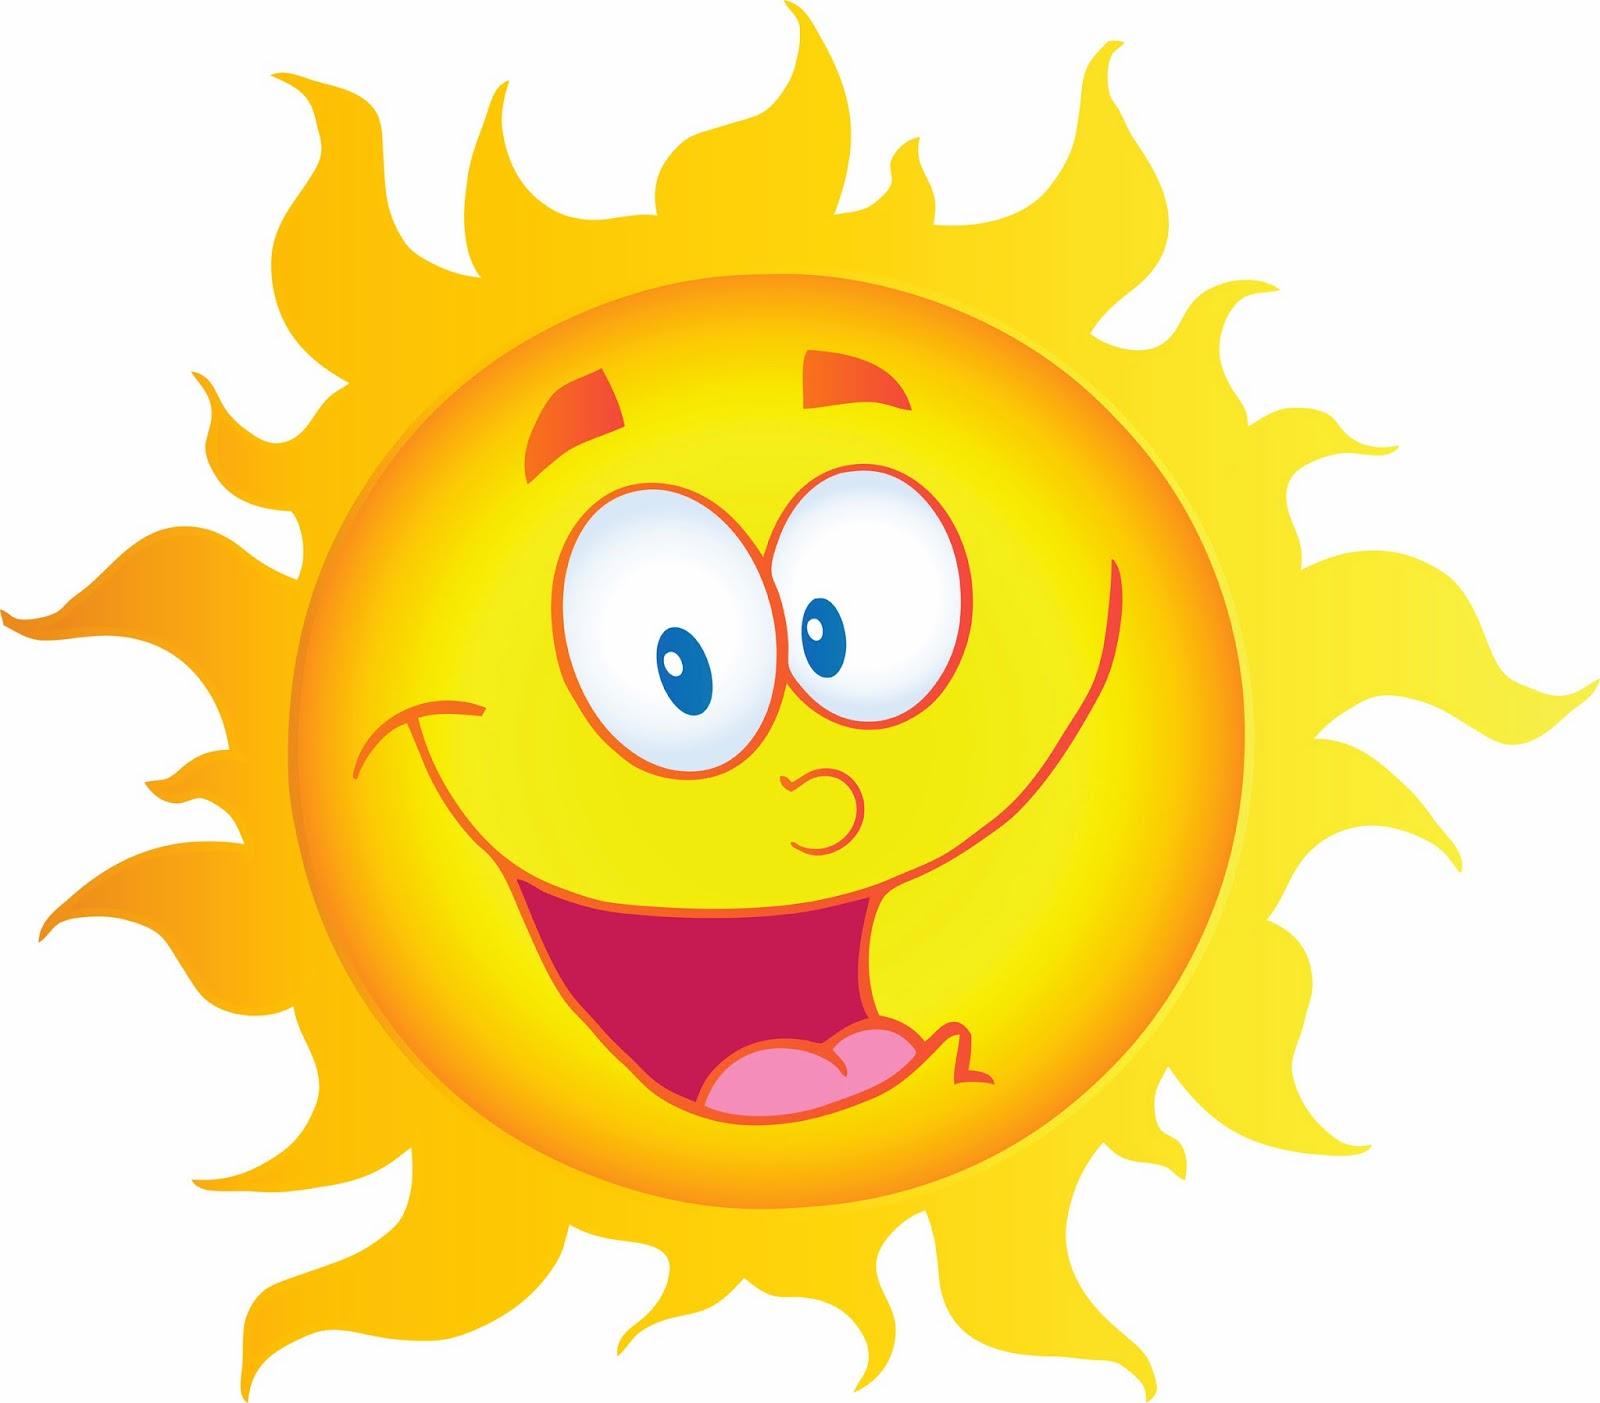 Sad Sun Clip Art Free Clipart Image-Sad sun clip art free clipart image-4